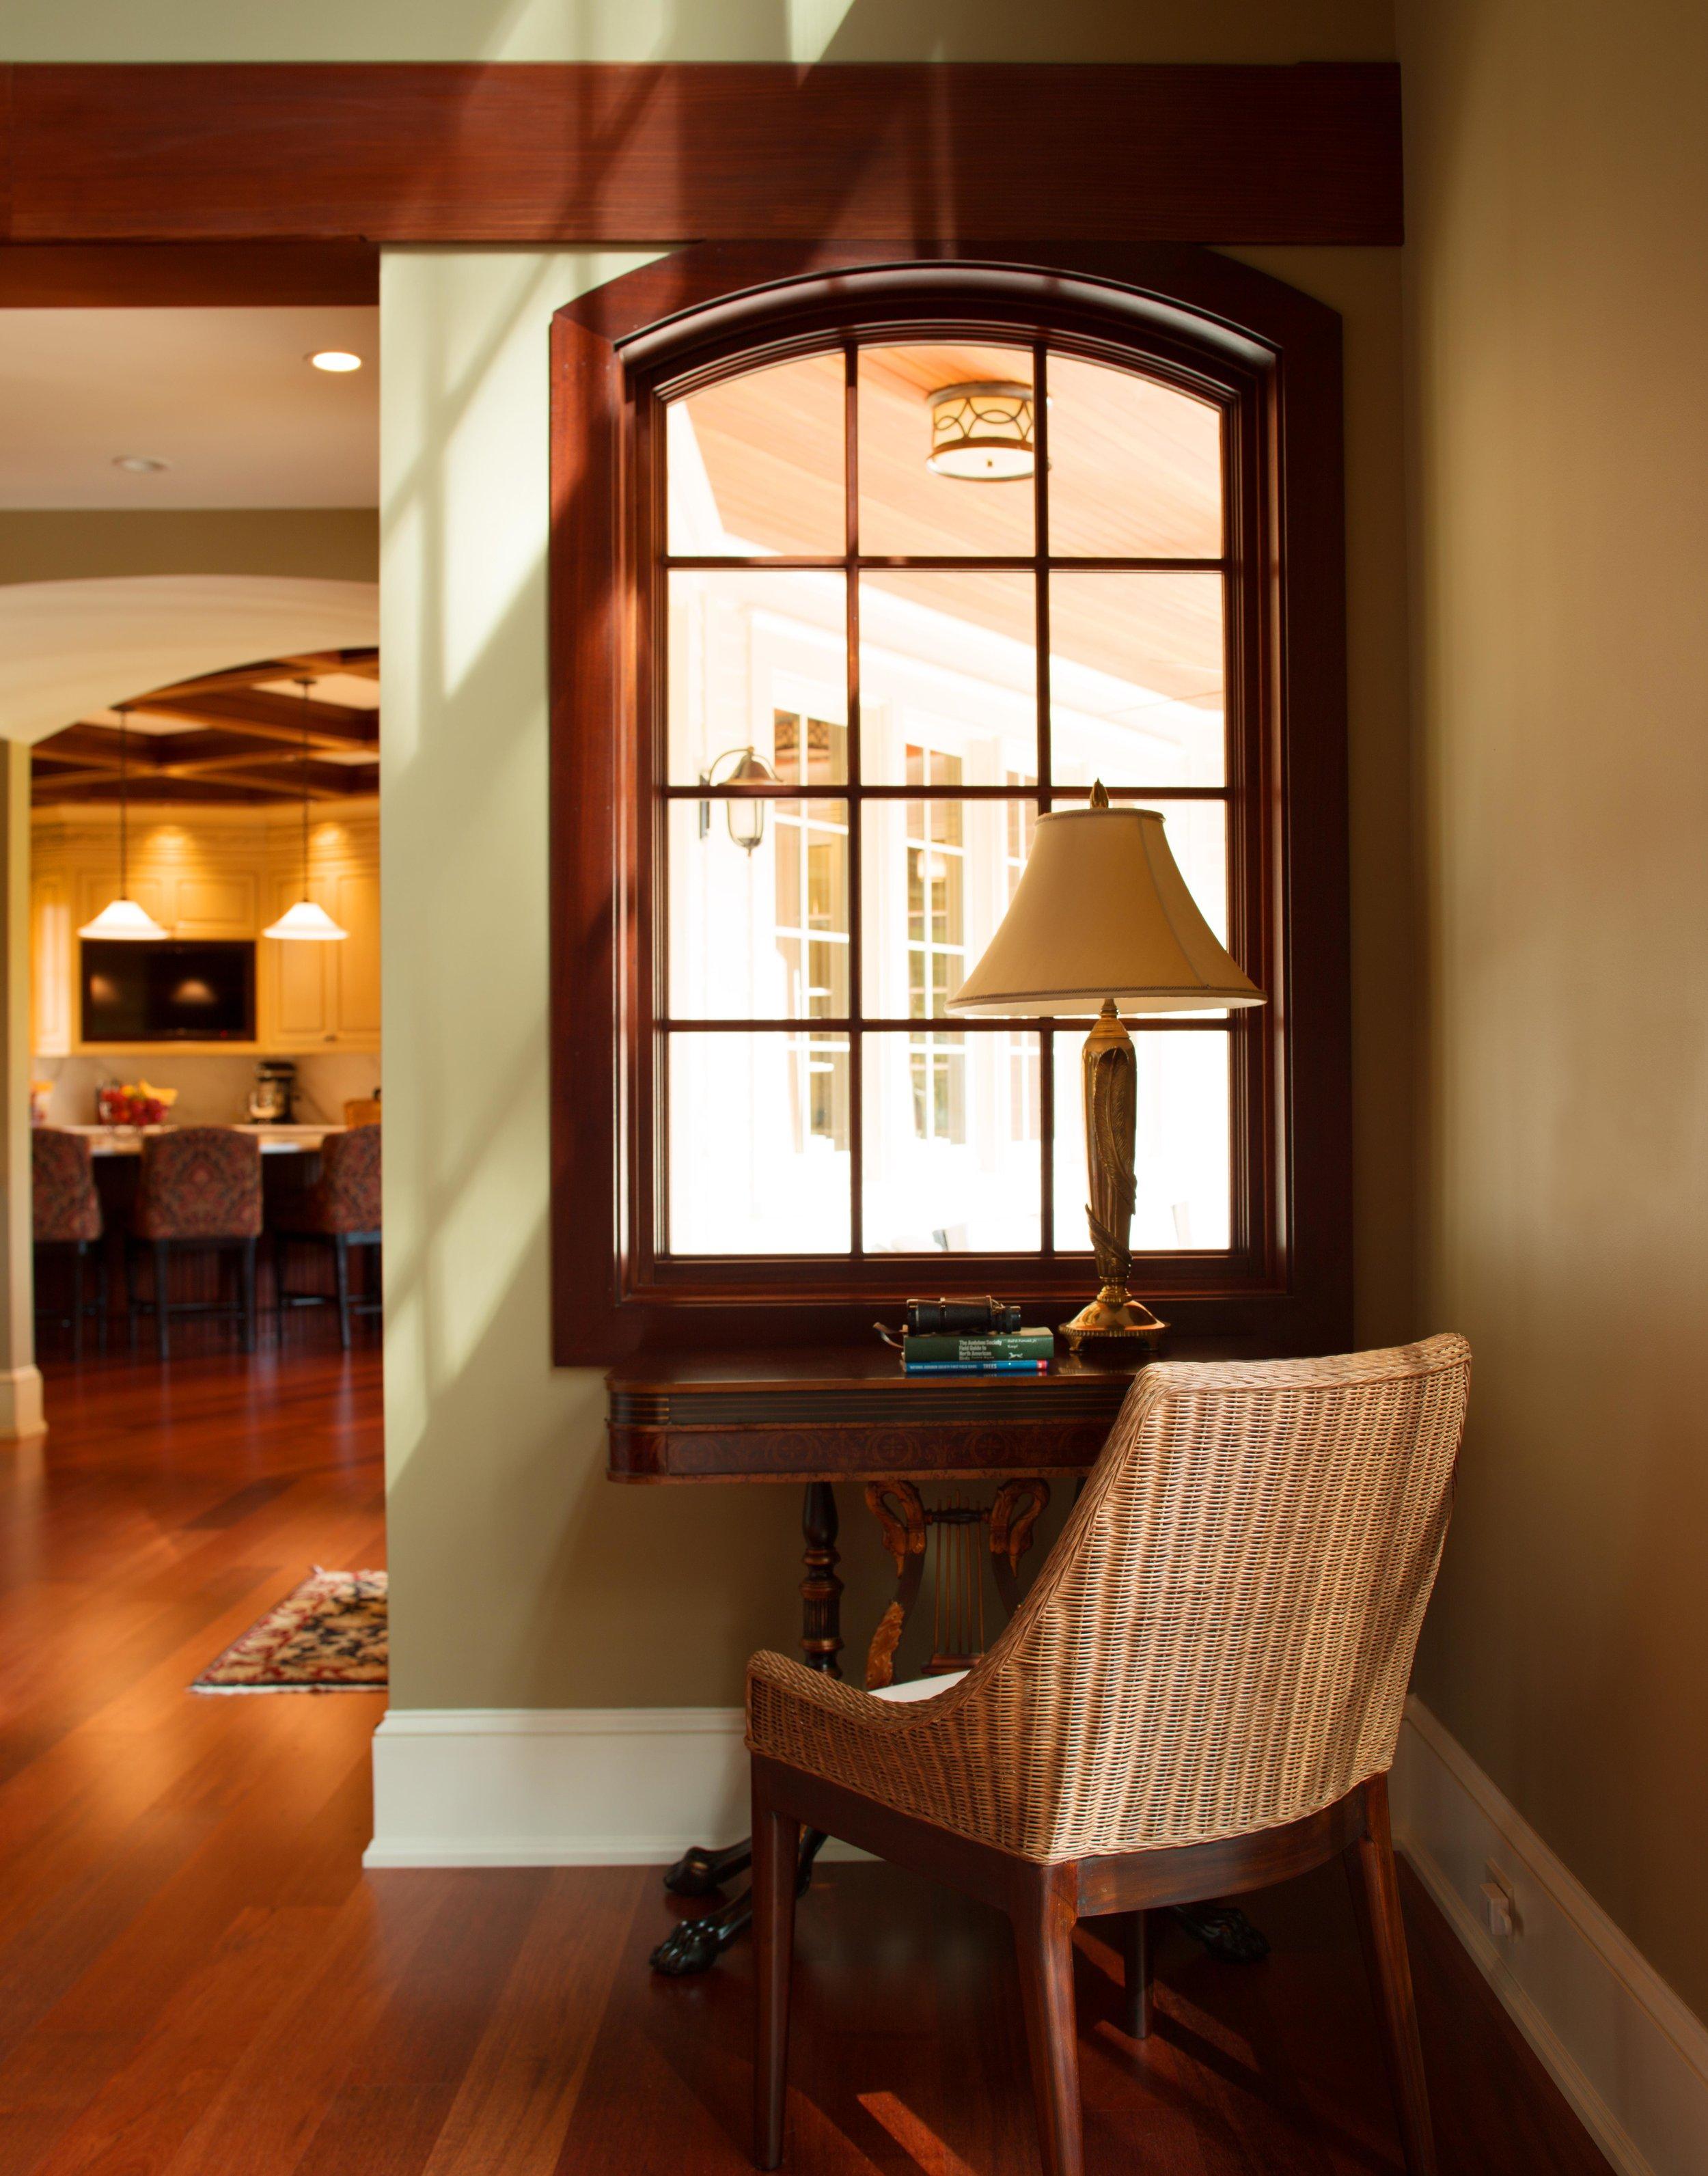 Corcoran_Living Room 2.jpg